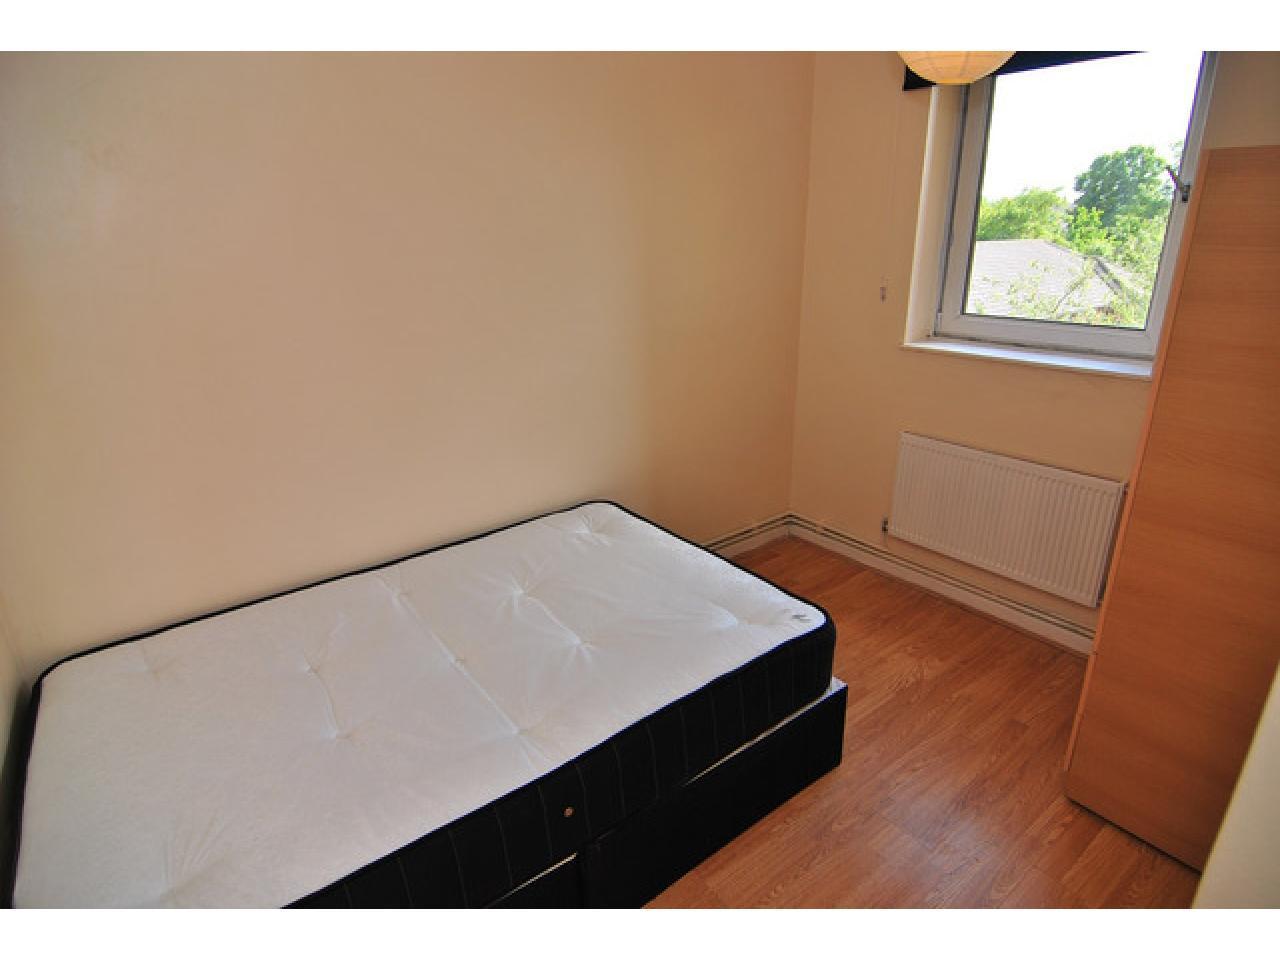 Single Room in Greenwich - 2